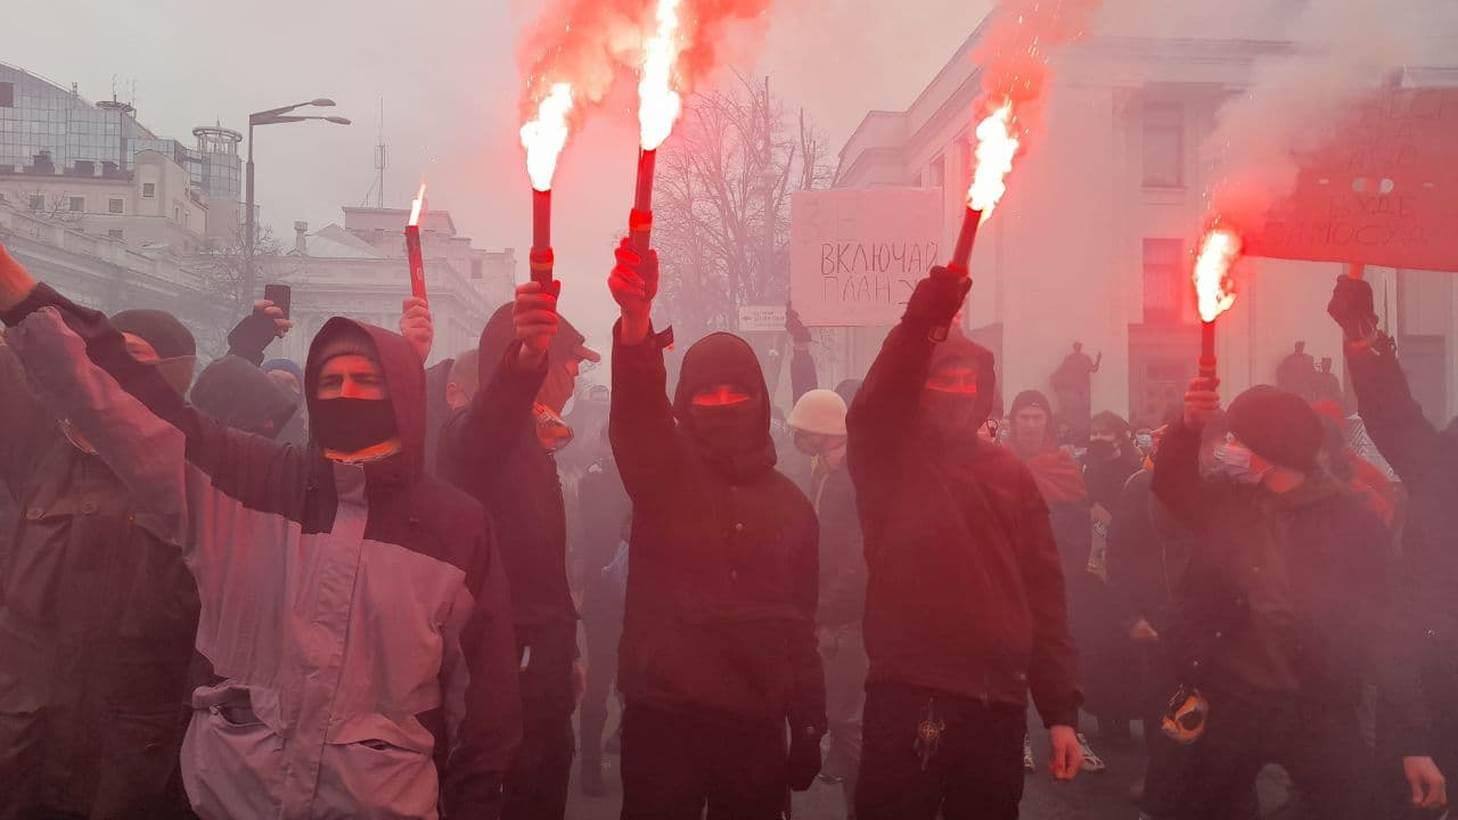 Генпрокурора в отставку. Как радикалы снова требовали освободить Стерненко  - FreeAds World Новости